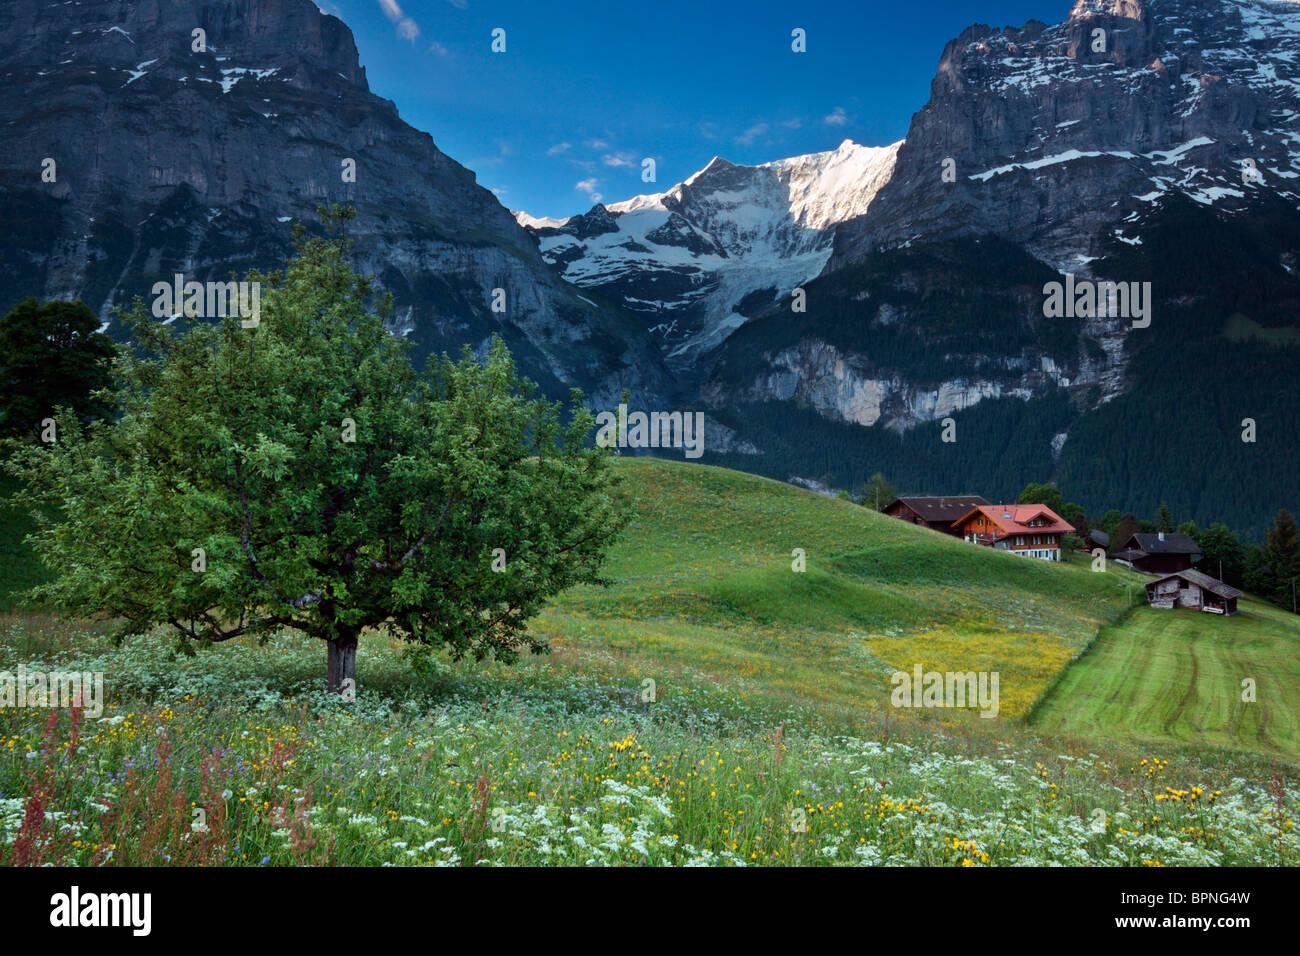 La luz de la mañana besa la cima de las montañas en el valle de Grindelwald, Suiza Imagen De Stock